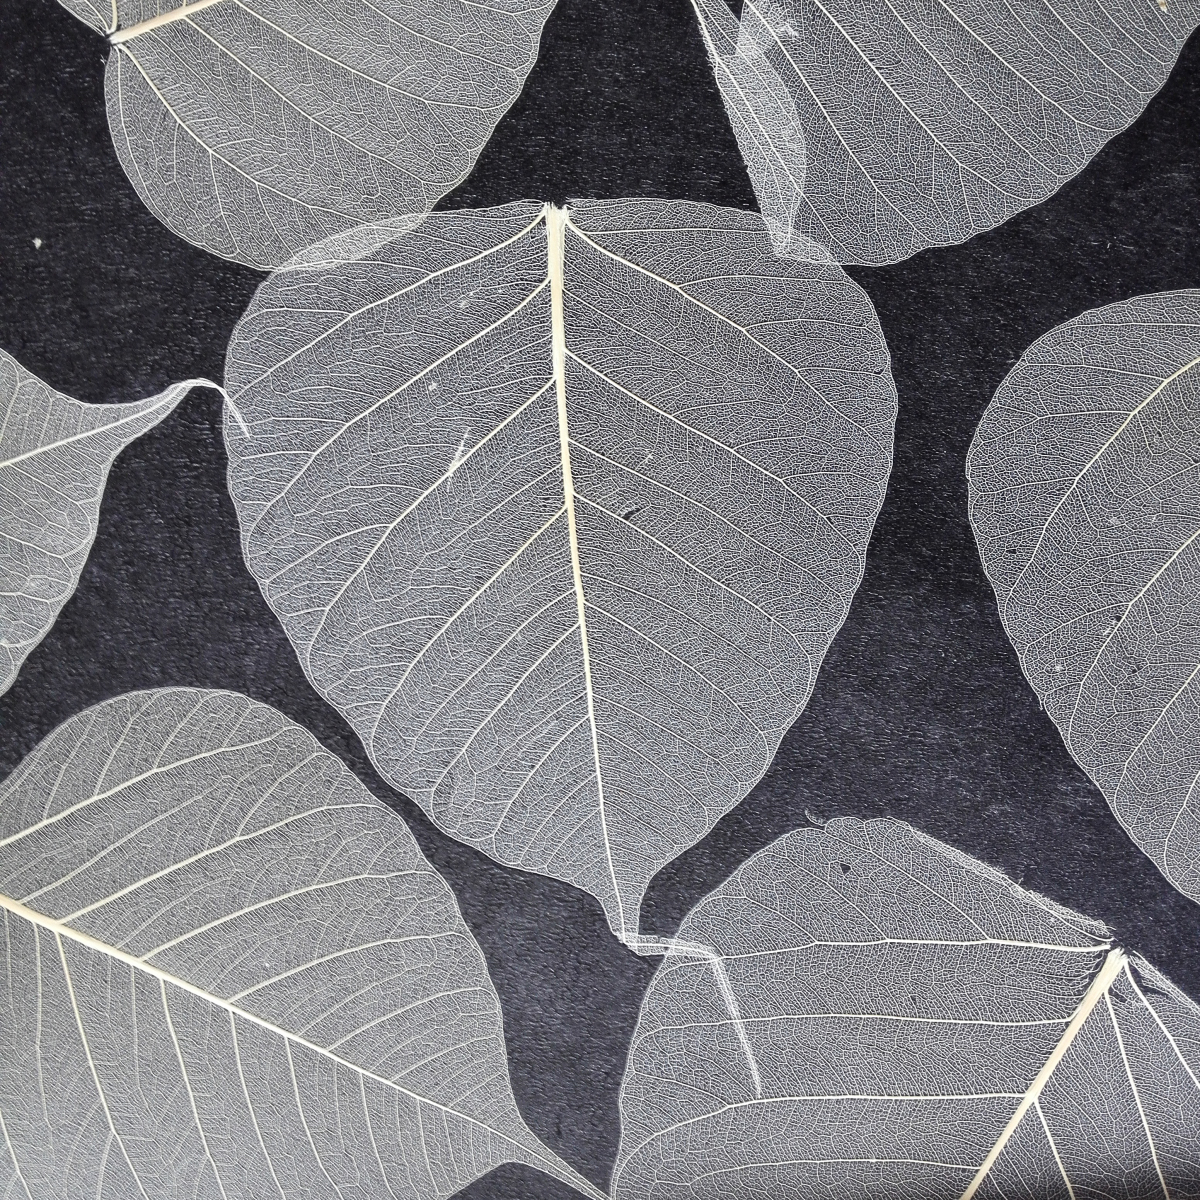 公司系列產品主要貝殼牆紙系列、木皮牆紙系列、手工打皺牆紙系列、水晶珠牆紙系列、木皮/碎貝殼/報紙編織牆紙系列、竹編藤編牆紙系列等天然材質特殊材料,品種齊全,形式多樣。產品從設計到工藝上都具有獨到的風格,並可根據客戶的具體要求設計,生產出樣式新穎,款式獨特的裝飾材料產品,廣泛應用於別墅、酒店、會所、居家等項目。公司具有一支專業的設計和施工隊伍,能爲客戶提供最優質的方案、最保質的施工和最周到的服務。充分保證了公司所經營產品每一塊領域的專業保障,並得到了廣大用戶一致好評。 樹葉牆紙介紹:樹葉牆紙也稱菩提葉牆紙,